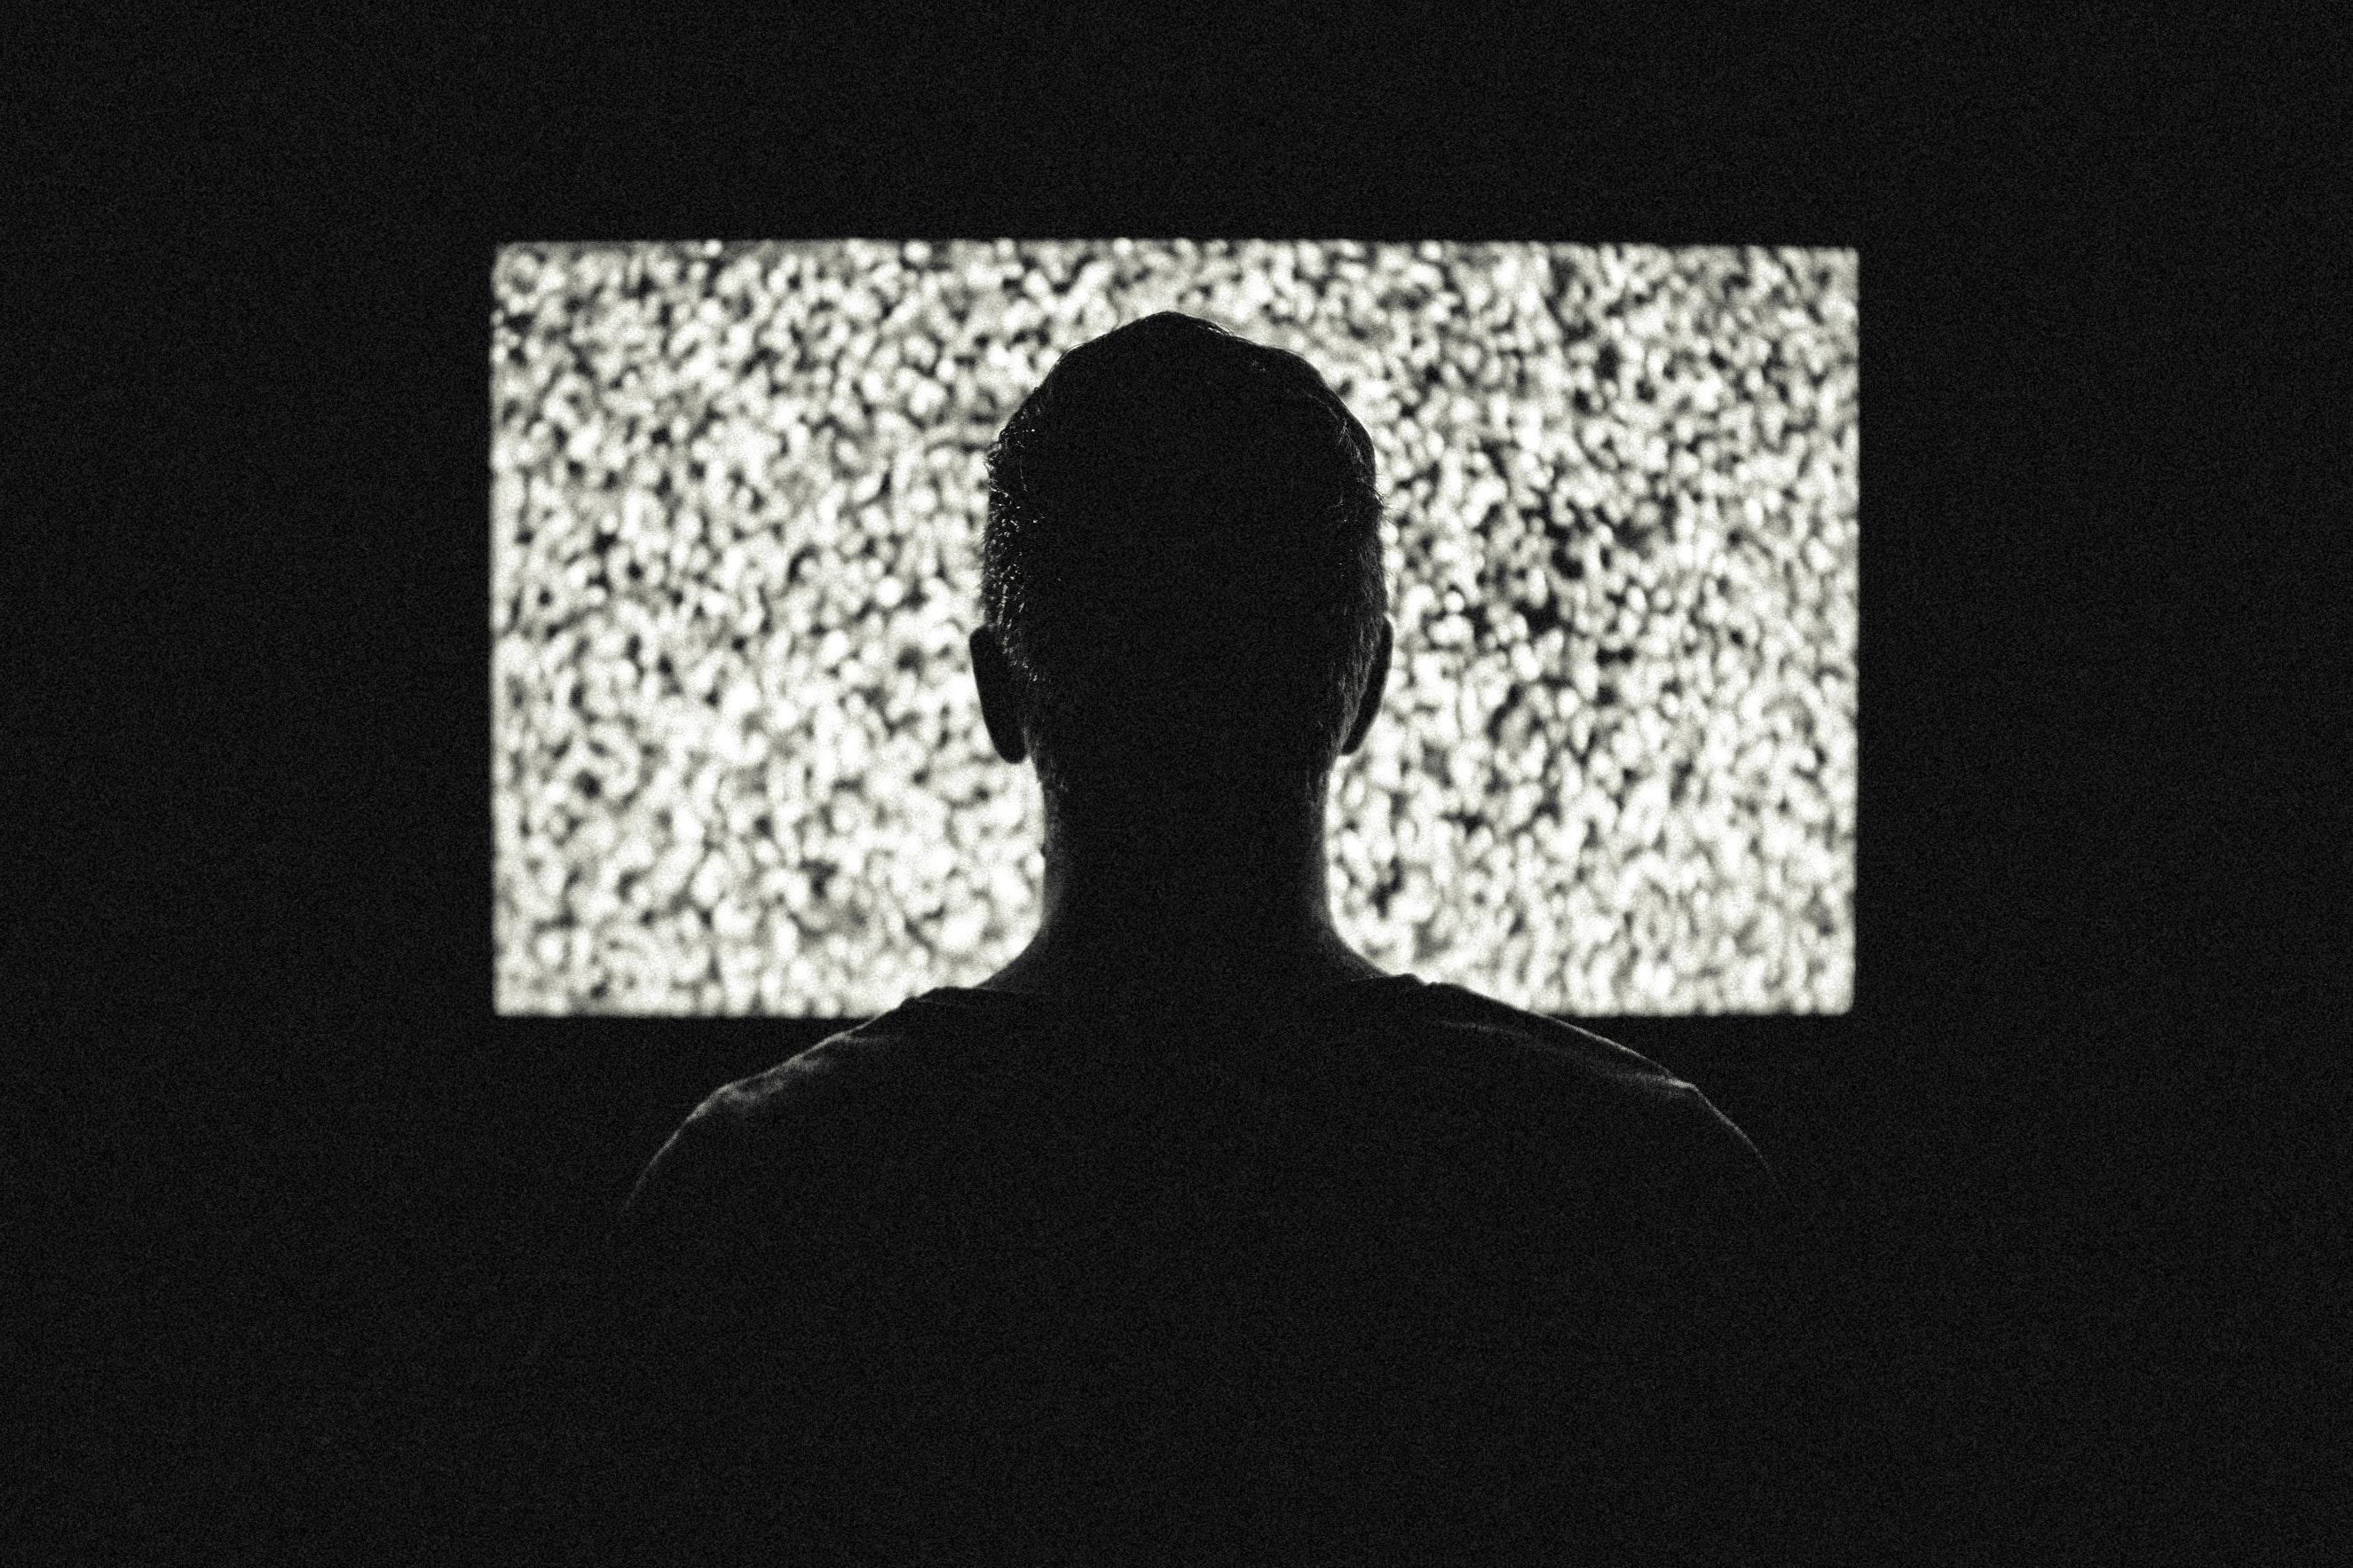 Medien mit mehr Selbstkritik